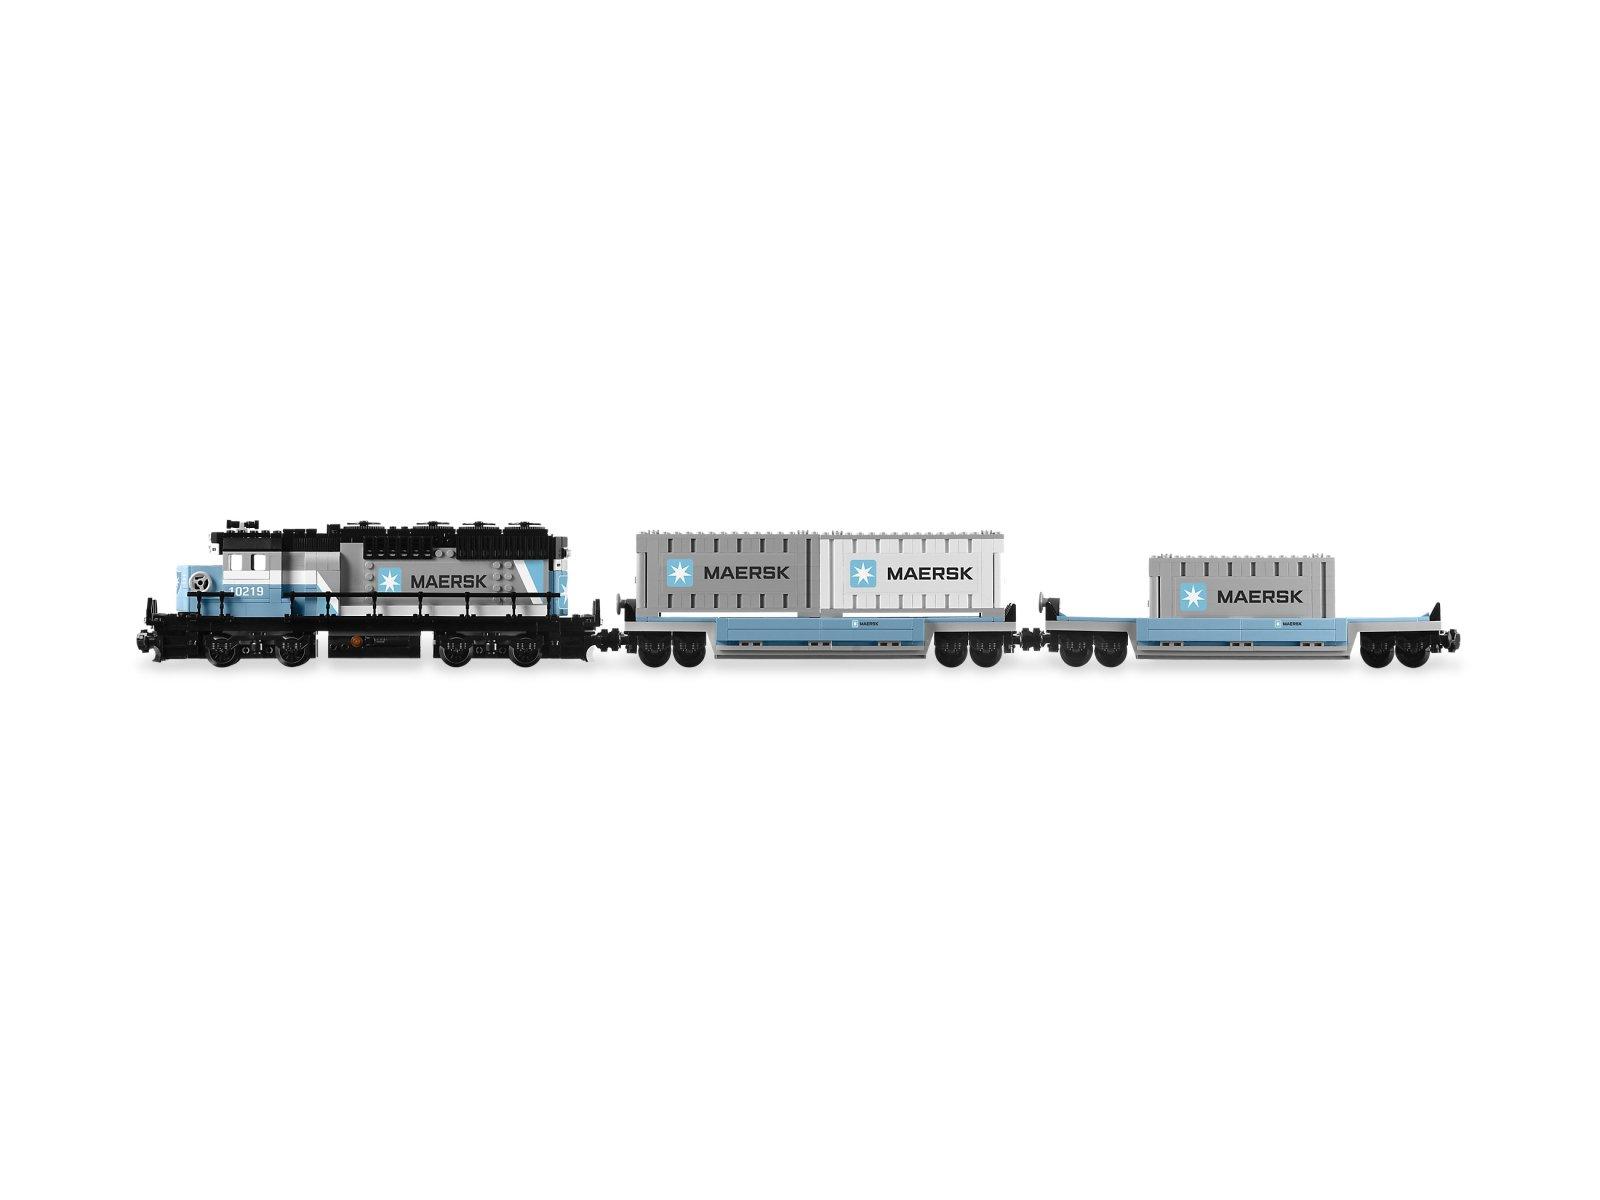 LEGO 10219 Pociąg Maersk